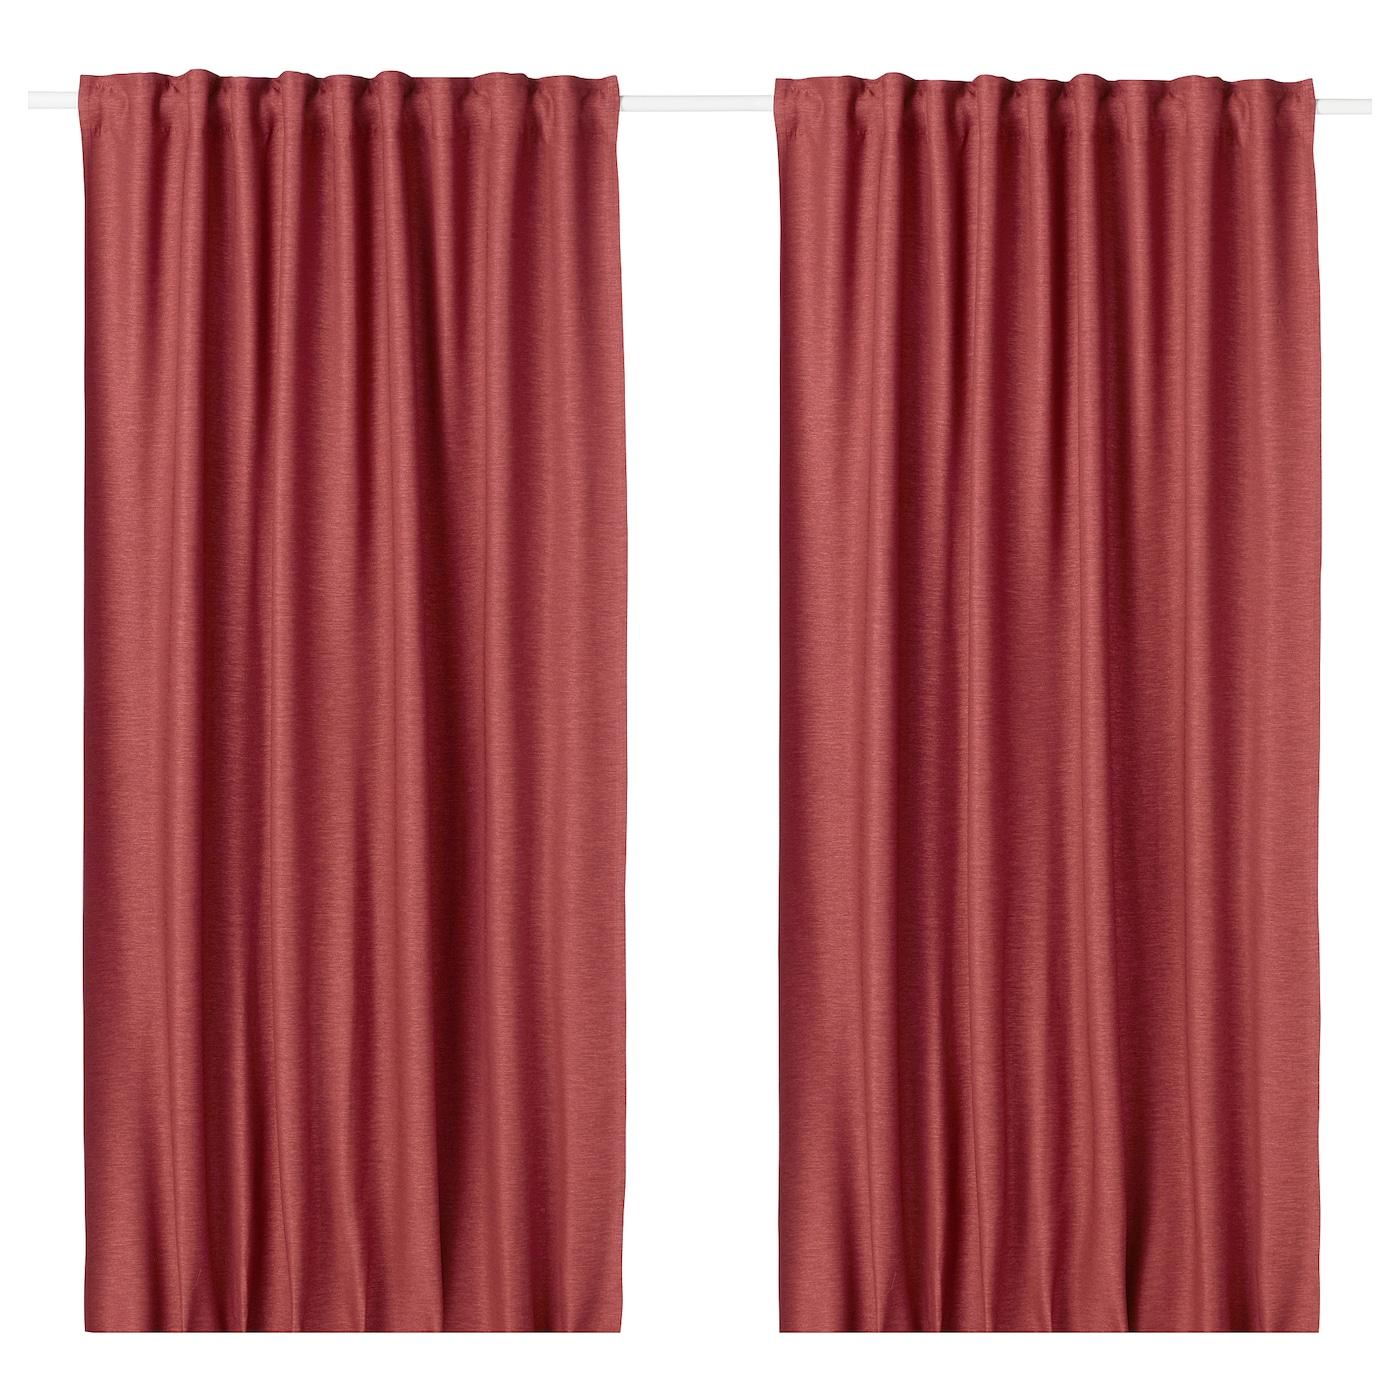 VILBORG Rideaux, 1 paire Rouge 145 x 300 cm - IKEA